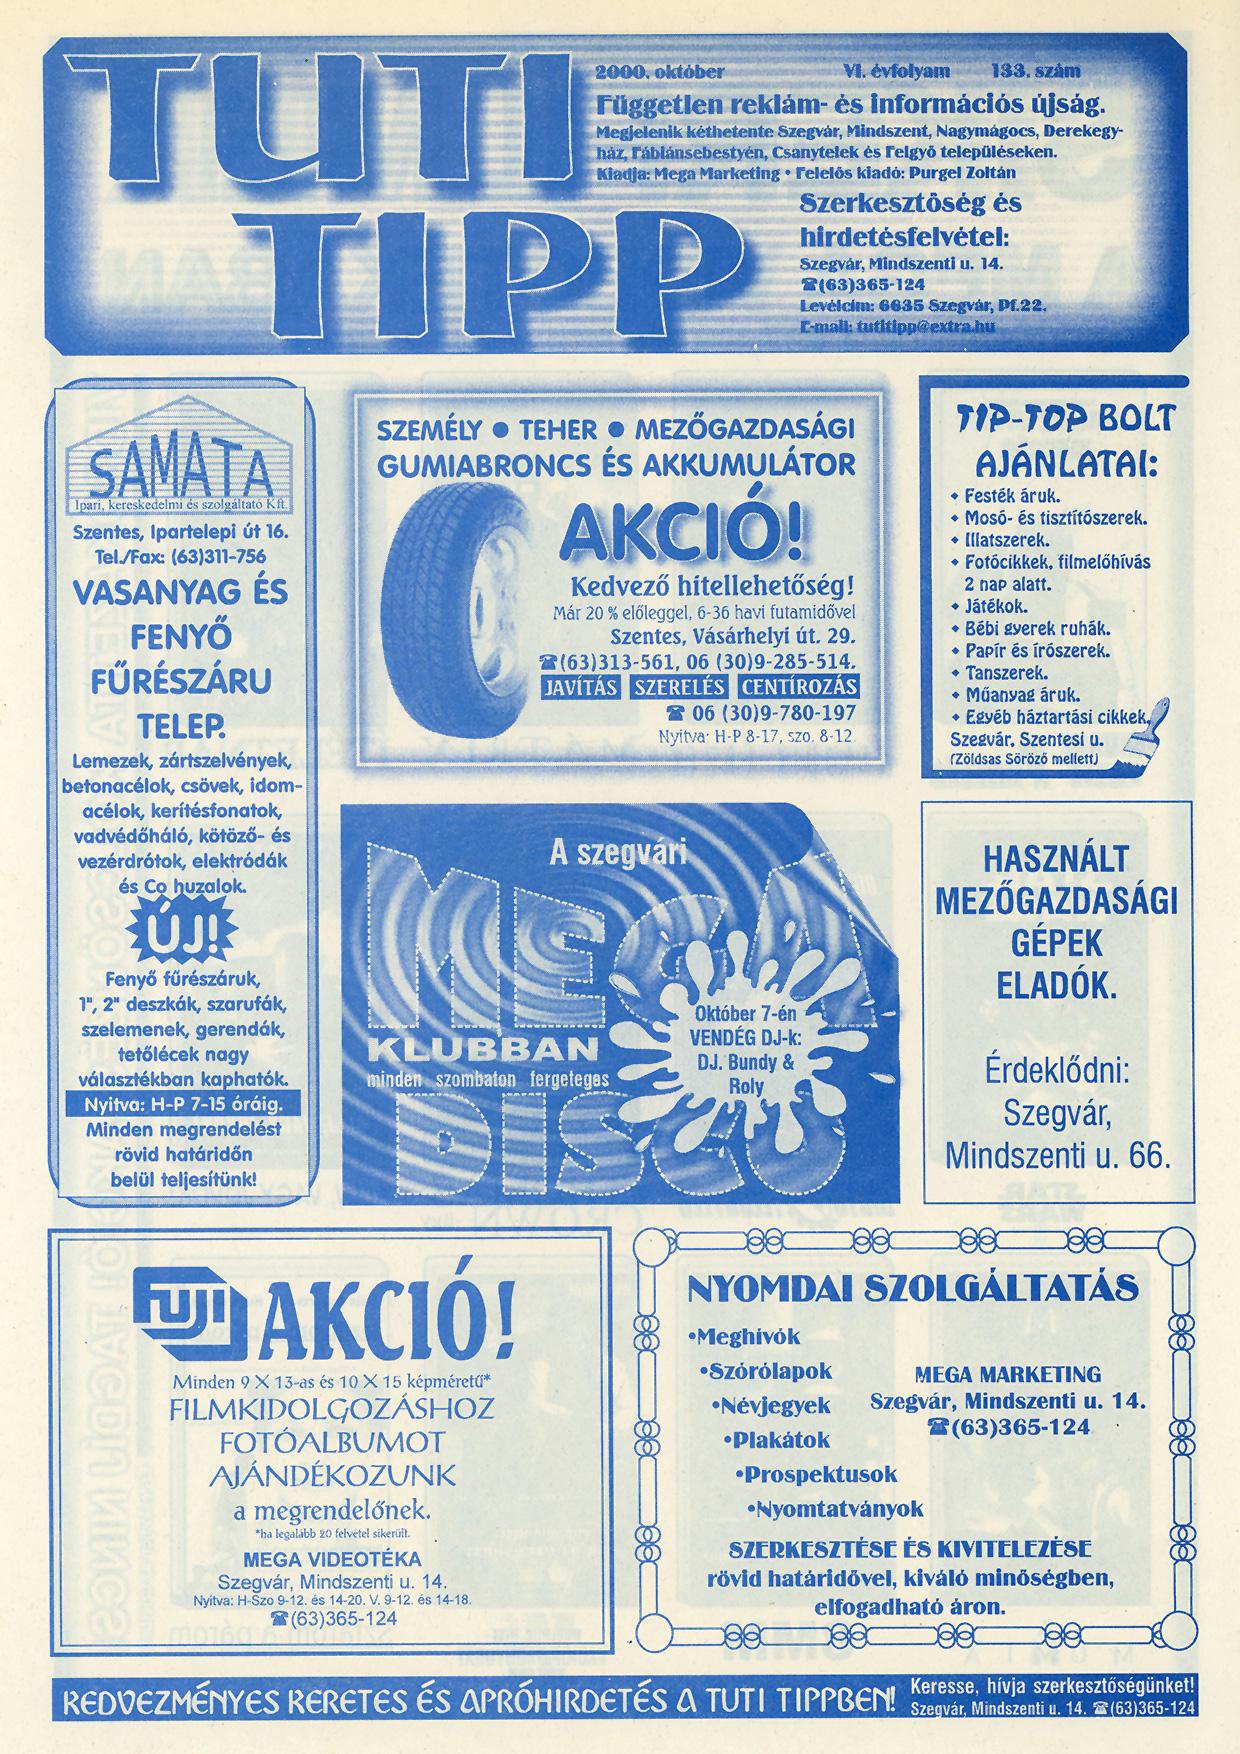 019 Tuti Tipp reklámújság - 200010-133. lapszám - 1.oldal - VI. évfolyam.jpg